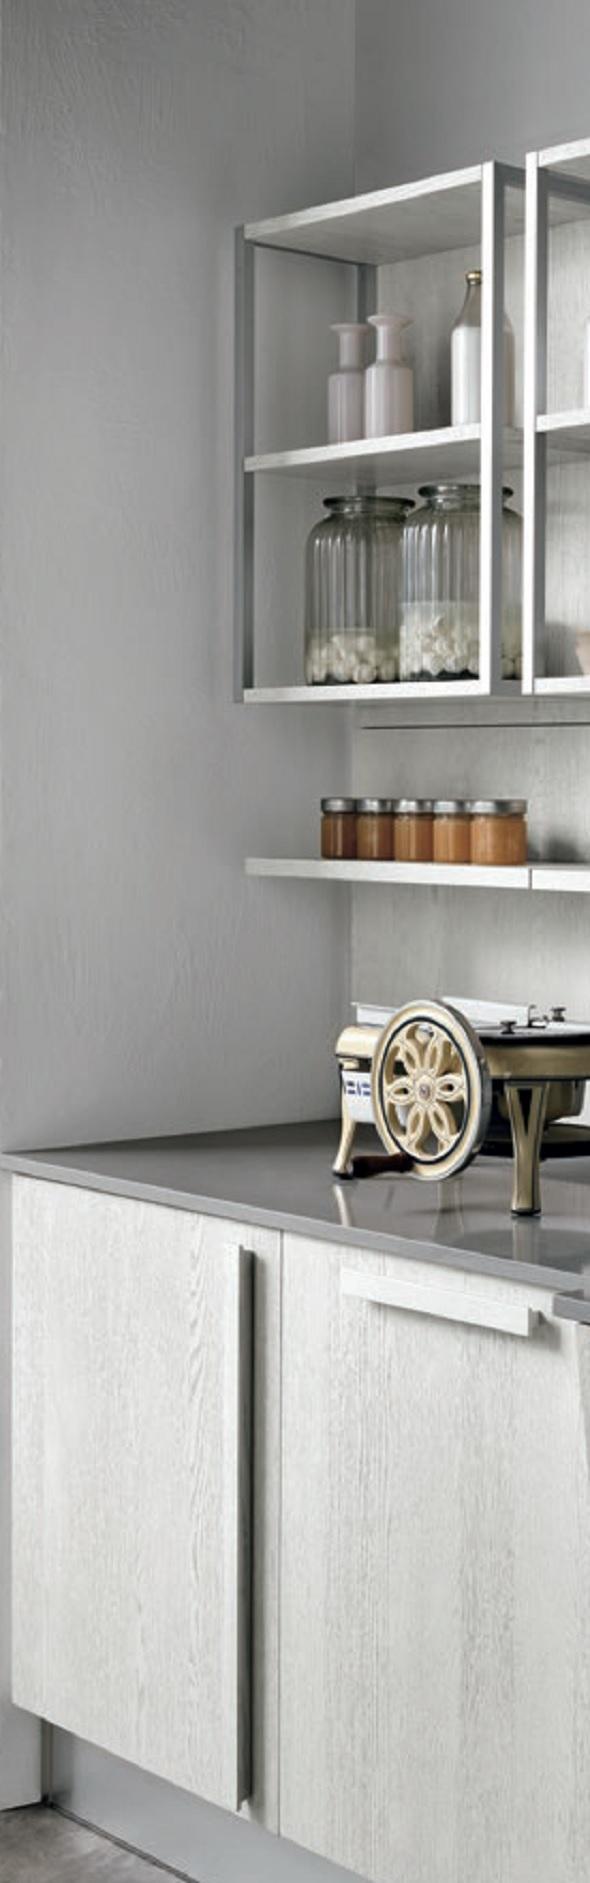 Cucina nuovi mondi cucine cucina shabby chic legno white in offerta ultima composizione bloccata - Cucina composizione bloccata ...